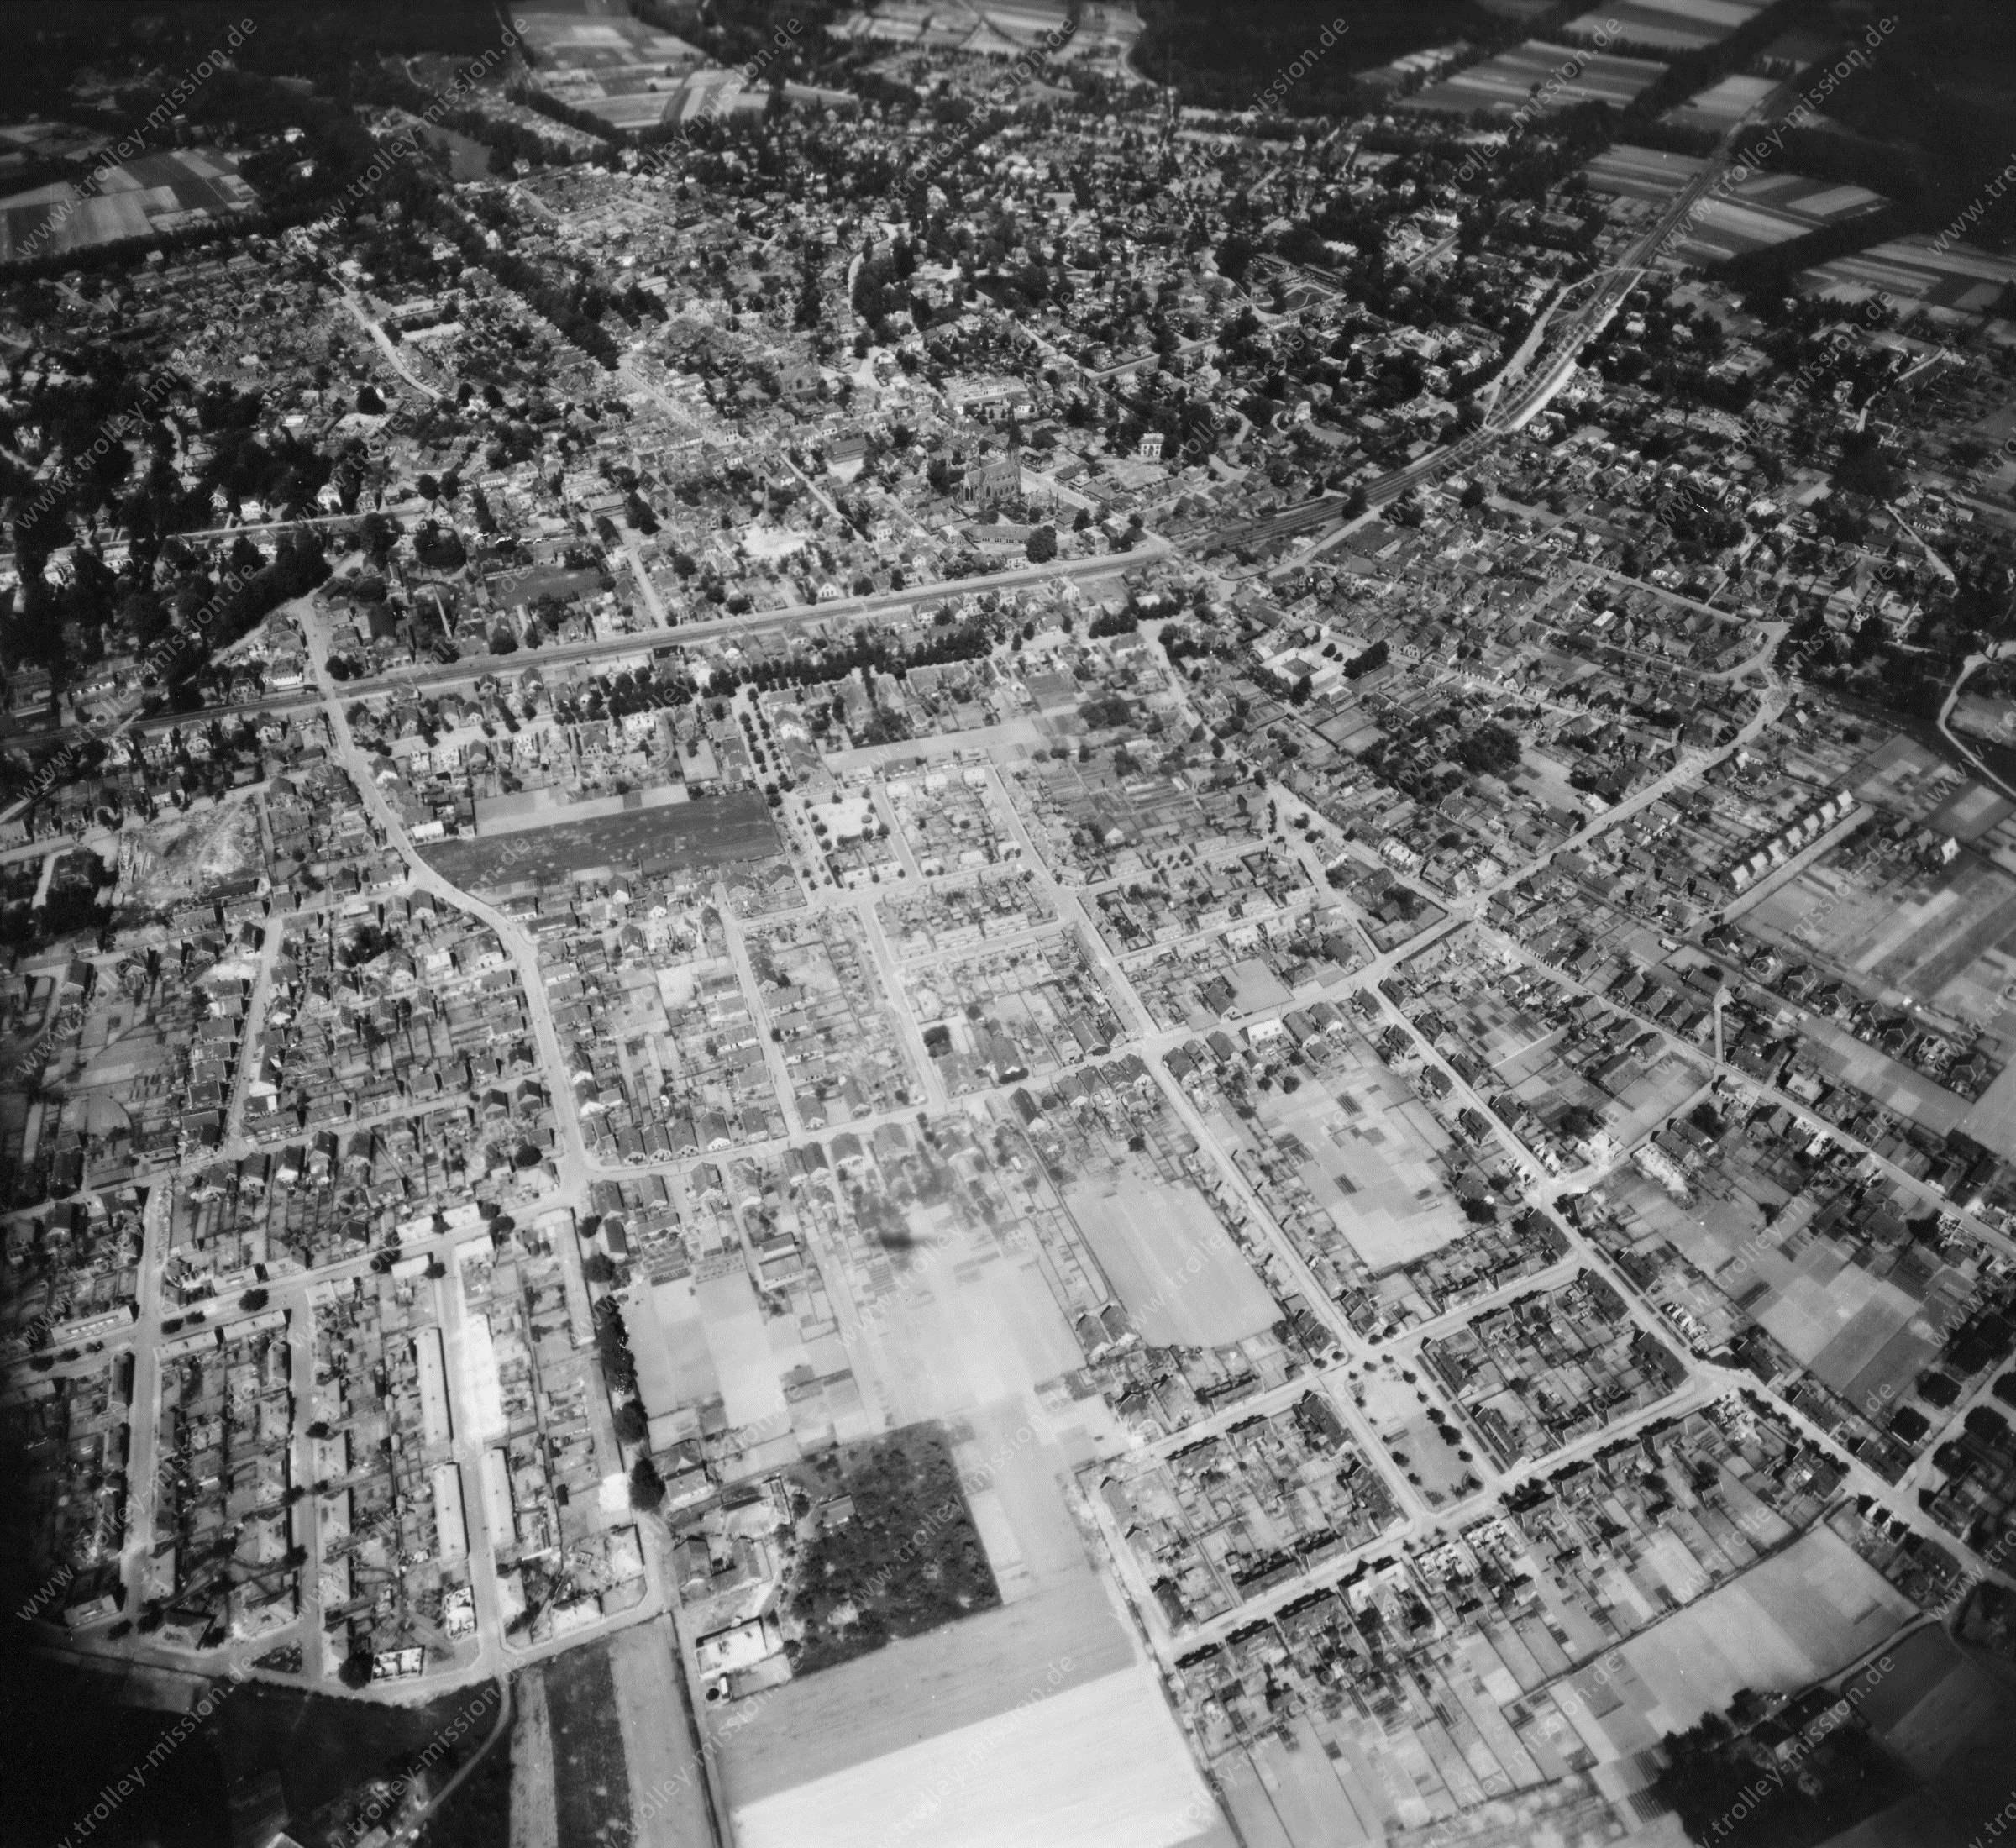 Velp - Luftbild aus dem Weltkrieg - Luftbildserie 2/5 der US Luftwaffe (Niederlande)